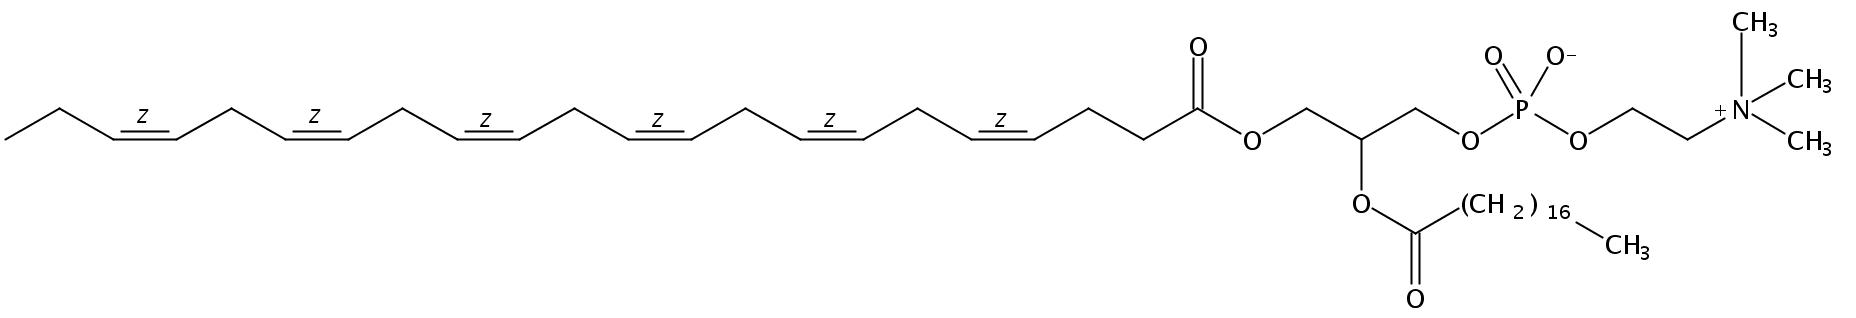 1-Docosahexaenoyl-2-Stearoyl-sn-Glycero-3-Phosphatidylcholine